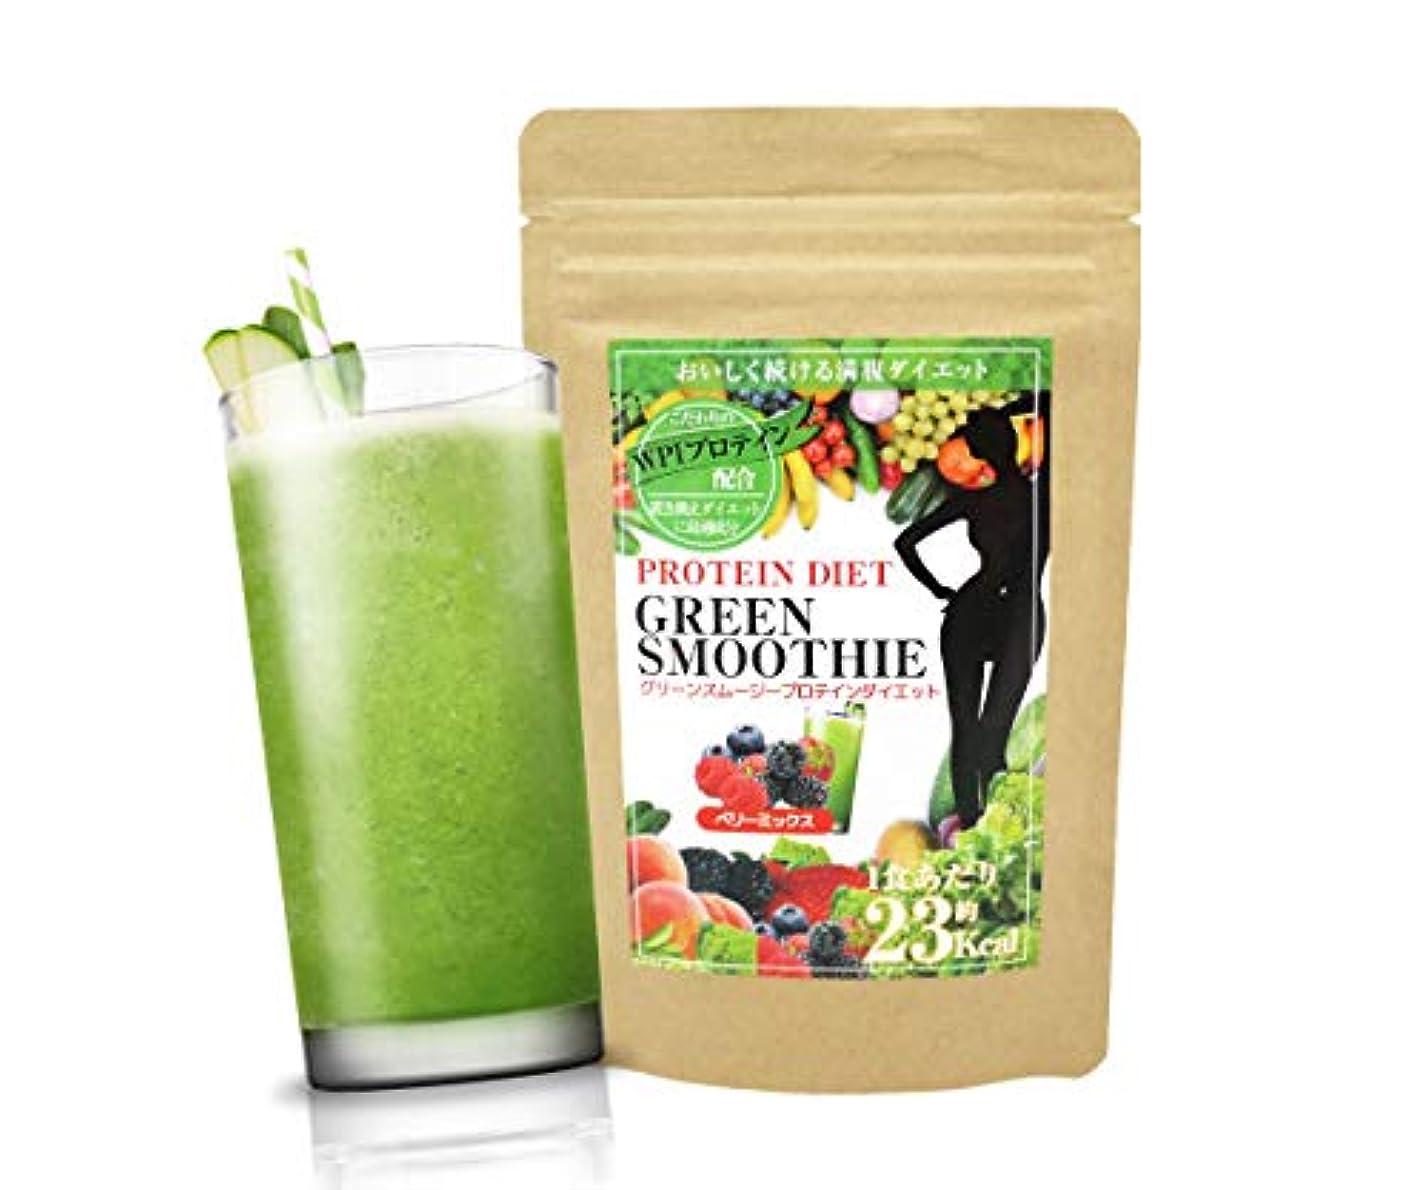 押す薬用一方、プロテインダイエットグリーンスムージープロテイン配合 本気ダイエット 100g ベリーミックス味 ダイエットグリーンスムージー -10kgダイエット 置き換えダイエット スムージー